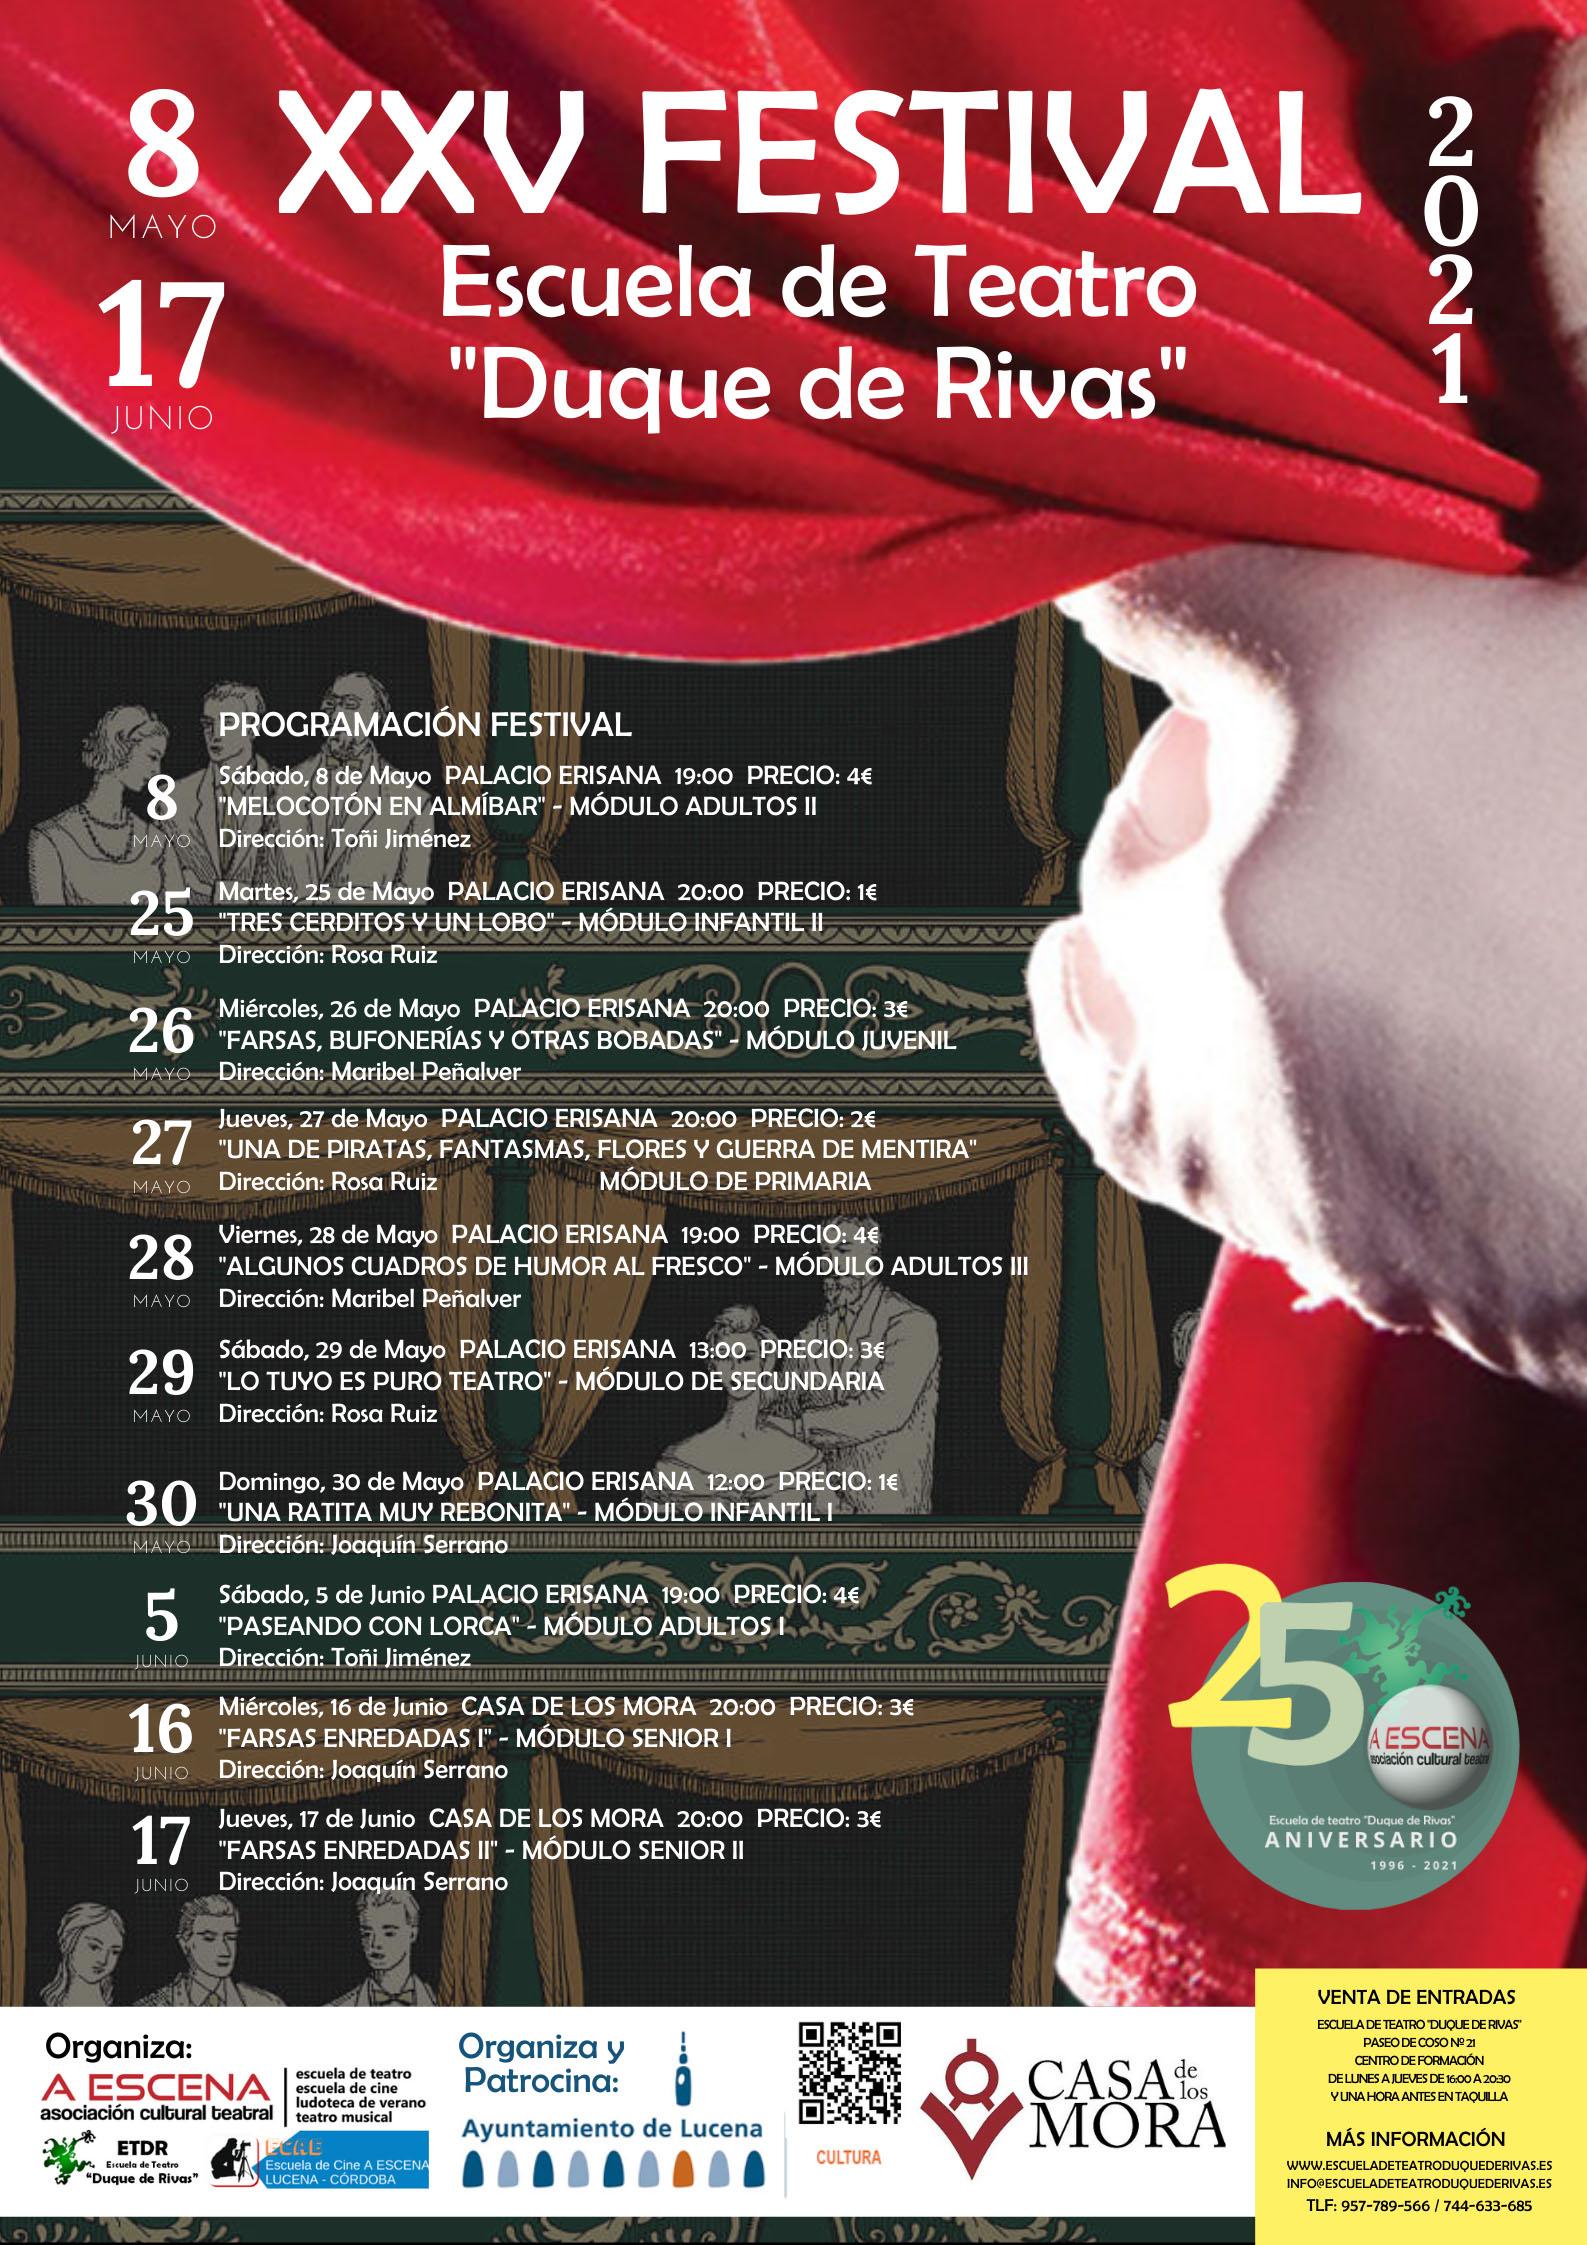 """XXV Festival de la Escuela de Teatro """"Duque de Rivas"""" @ varios espacios"""